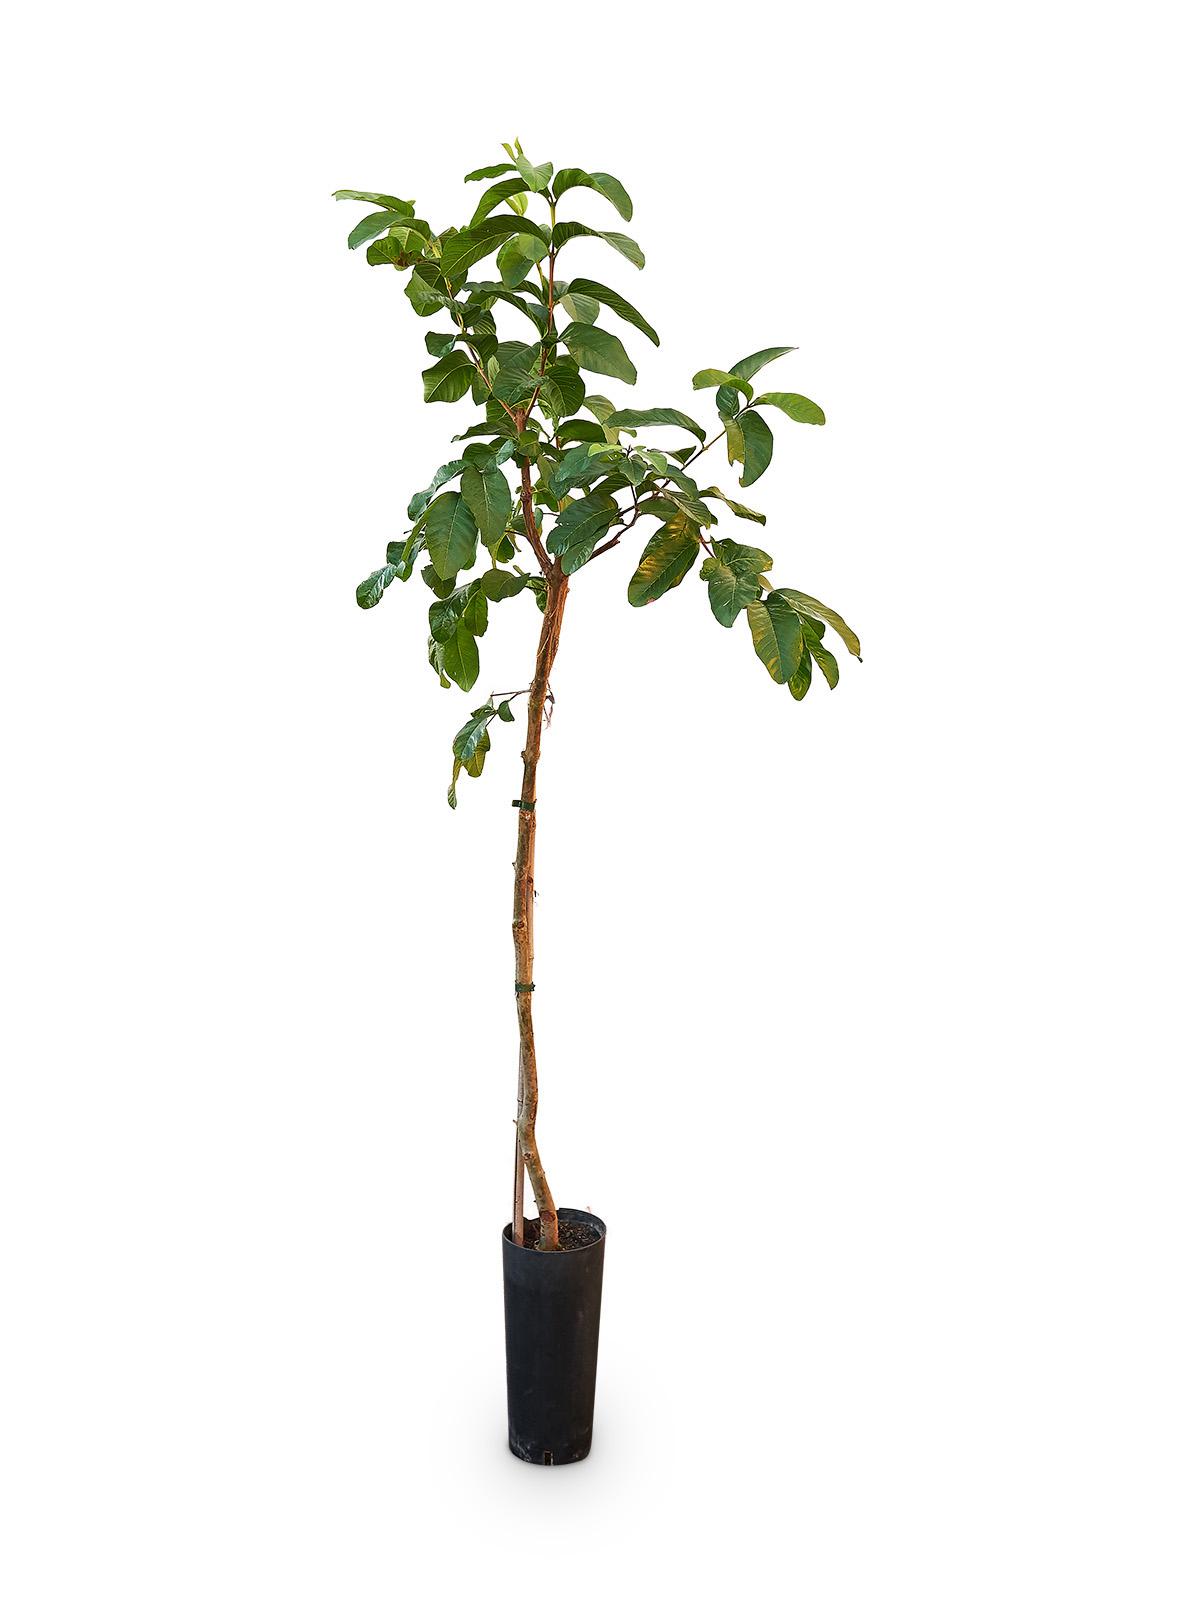 Planta de Guayaba Limón con maceta en vivero